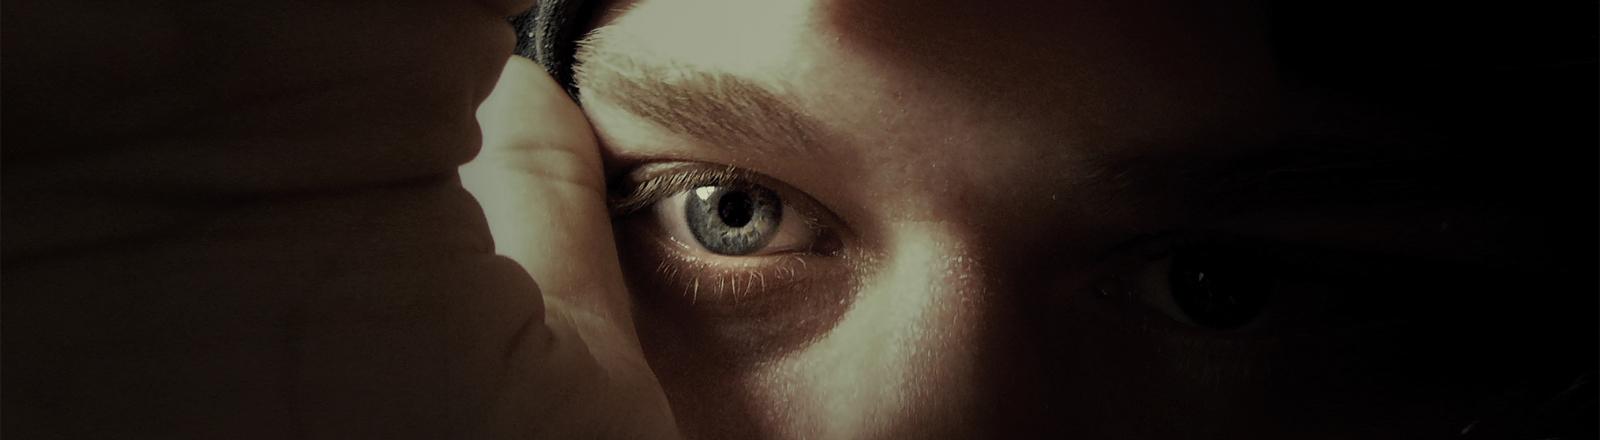 Böser Blick. Stalking